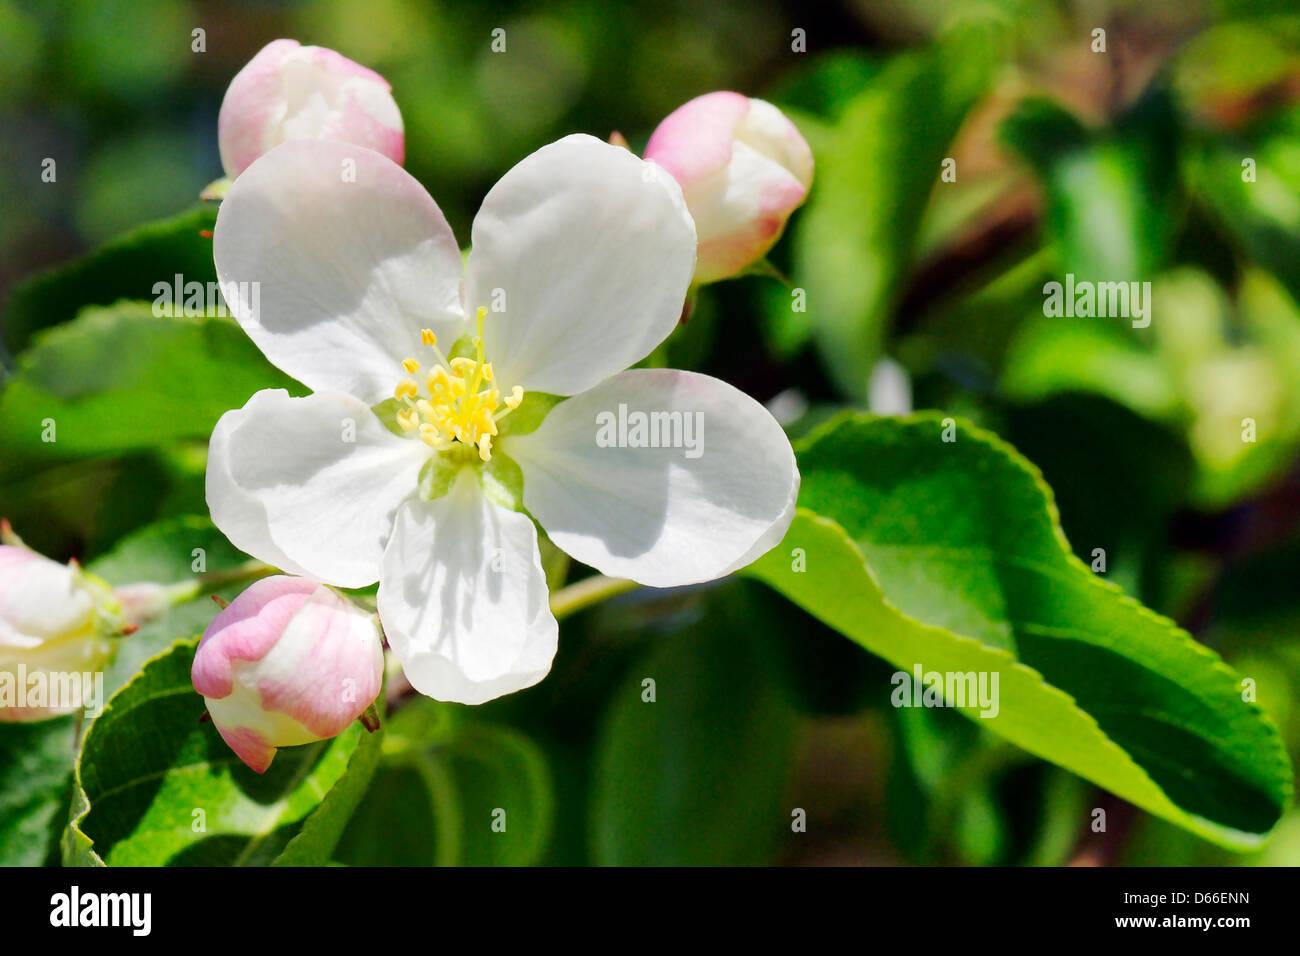 La saison du printemps belle fleur de pommier en fleurs Photo Stock